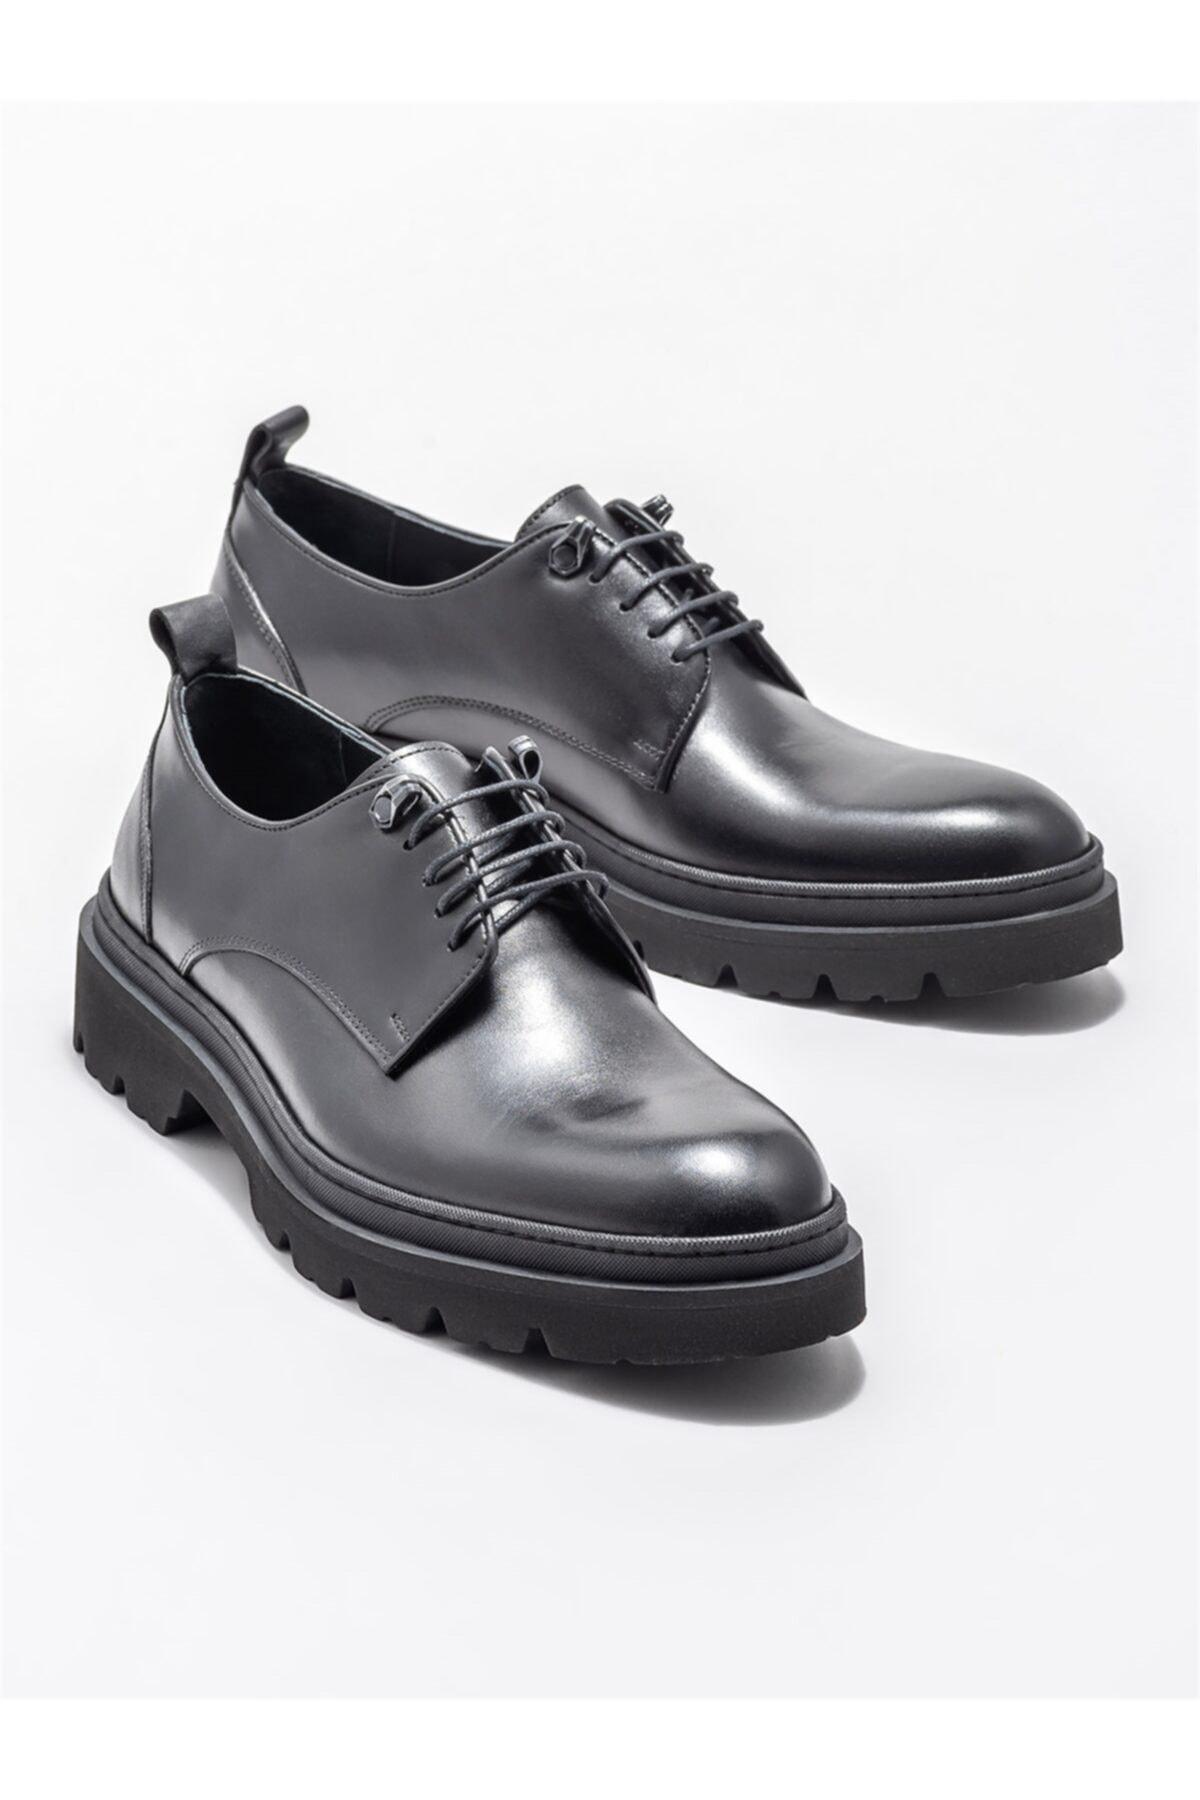 Elle Shoes Siyah Deri Erkek Günlük Ayakkabı 2